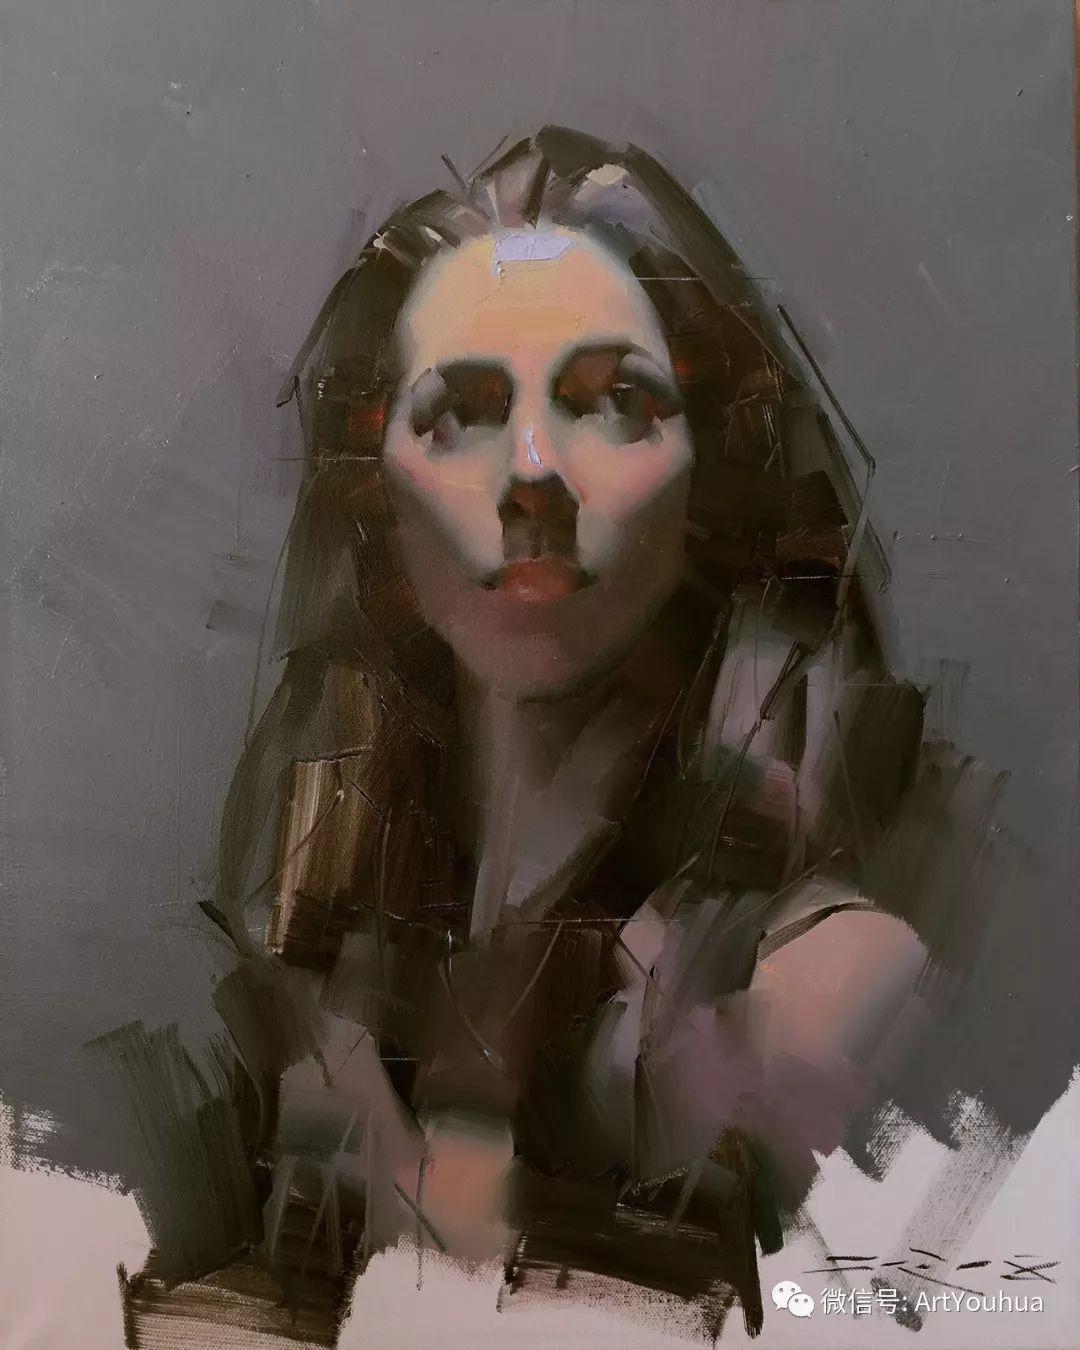 他的人物肖像绘画独具一格 还是位80后画家插图57